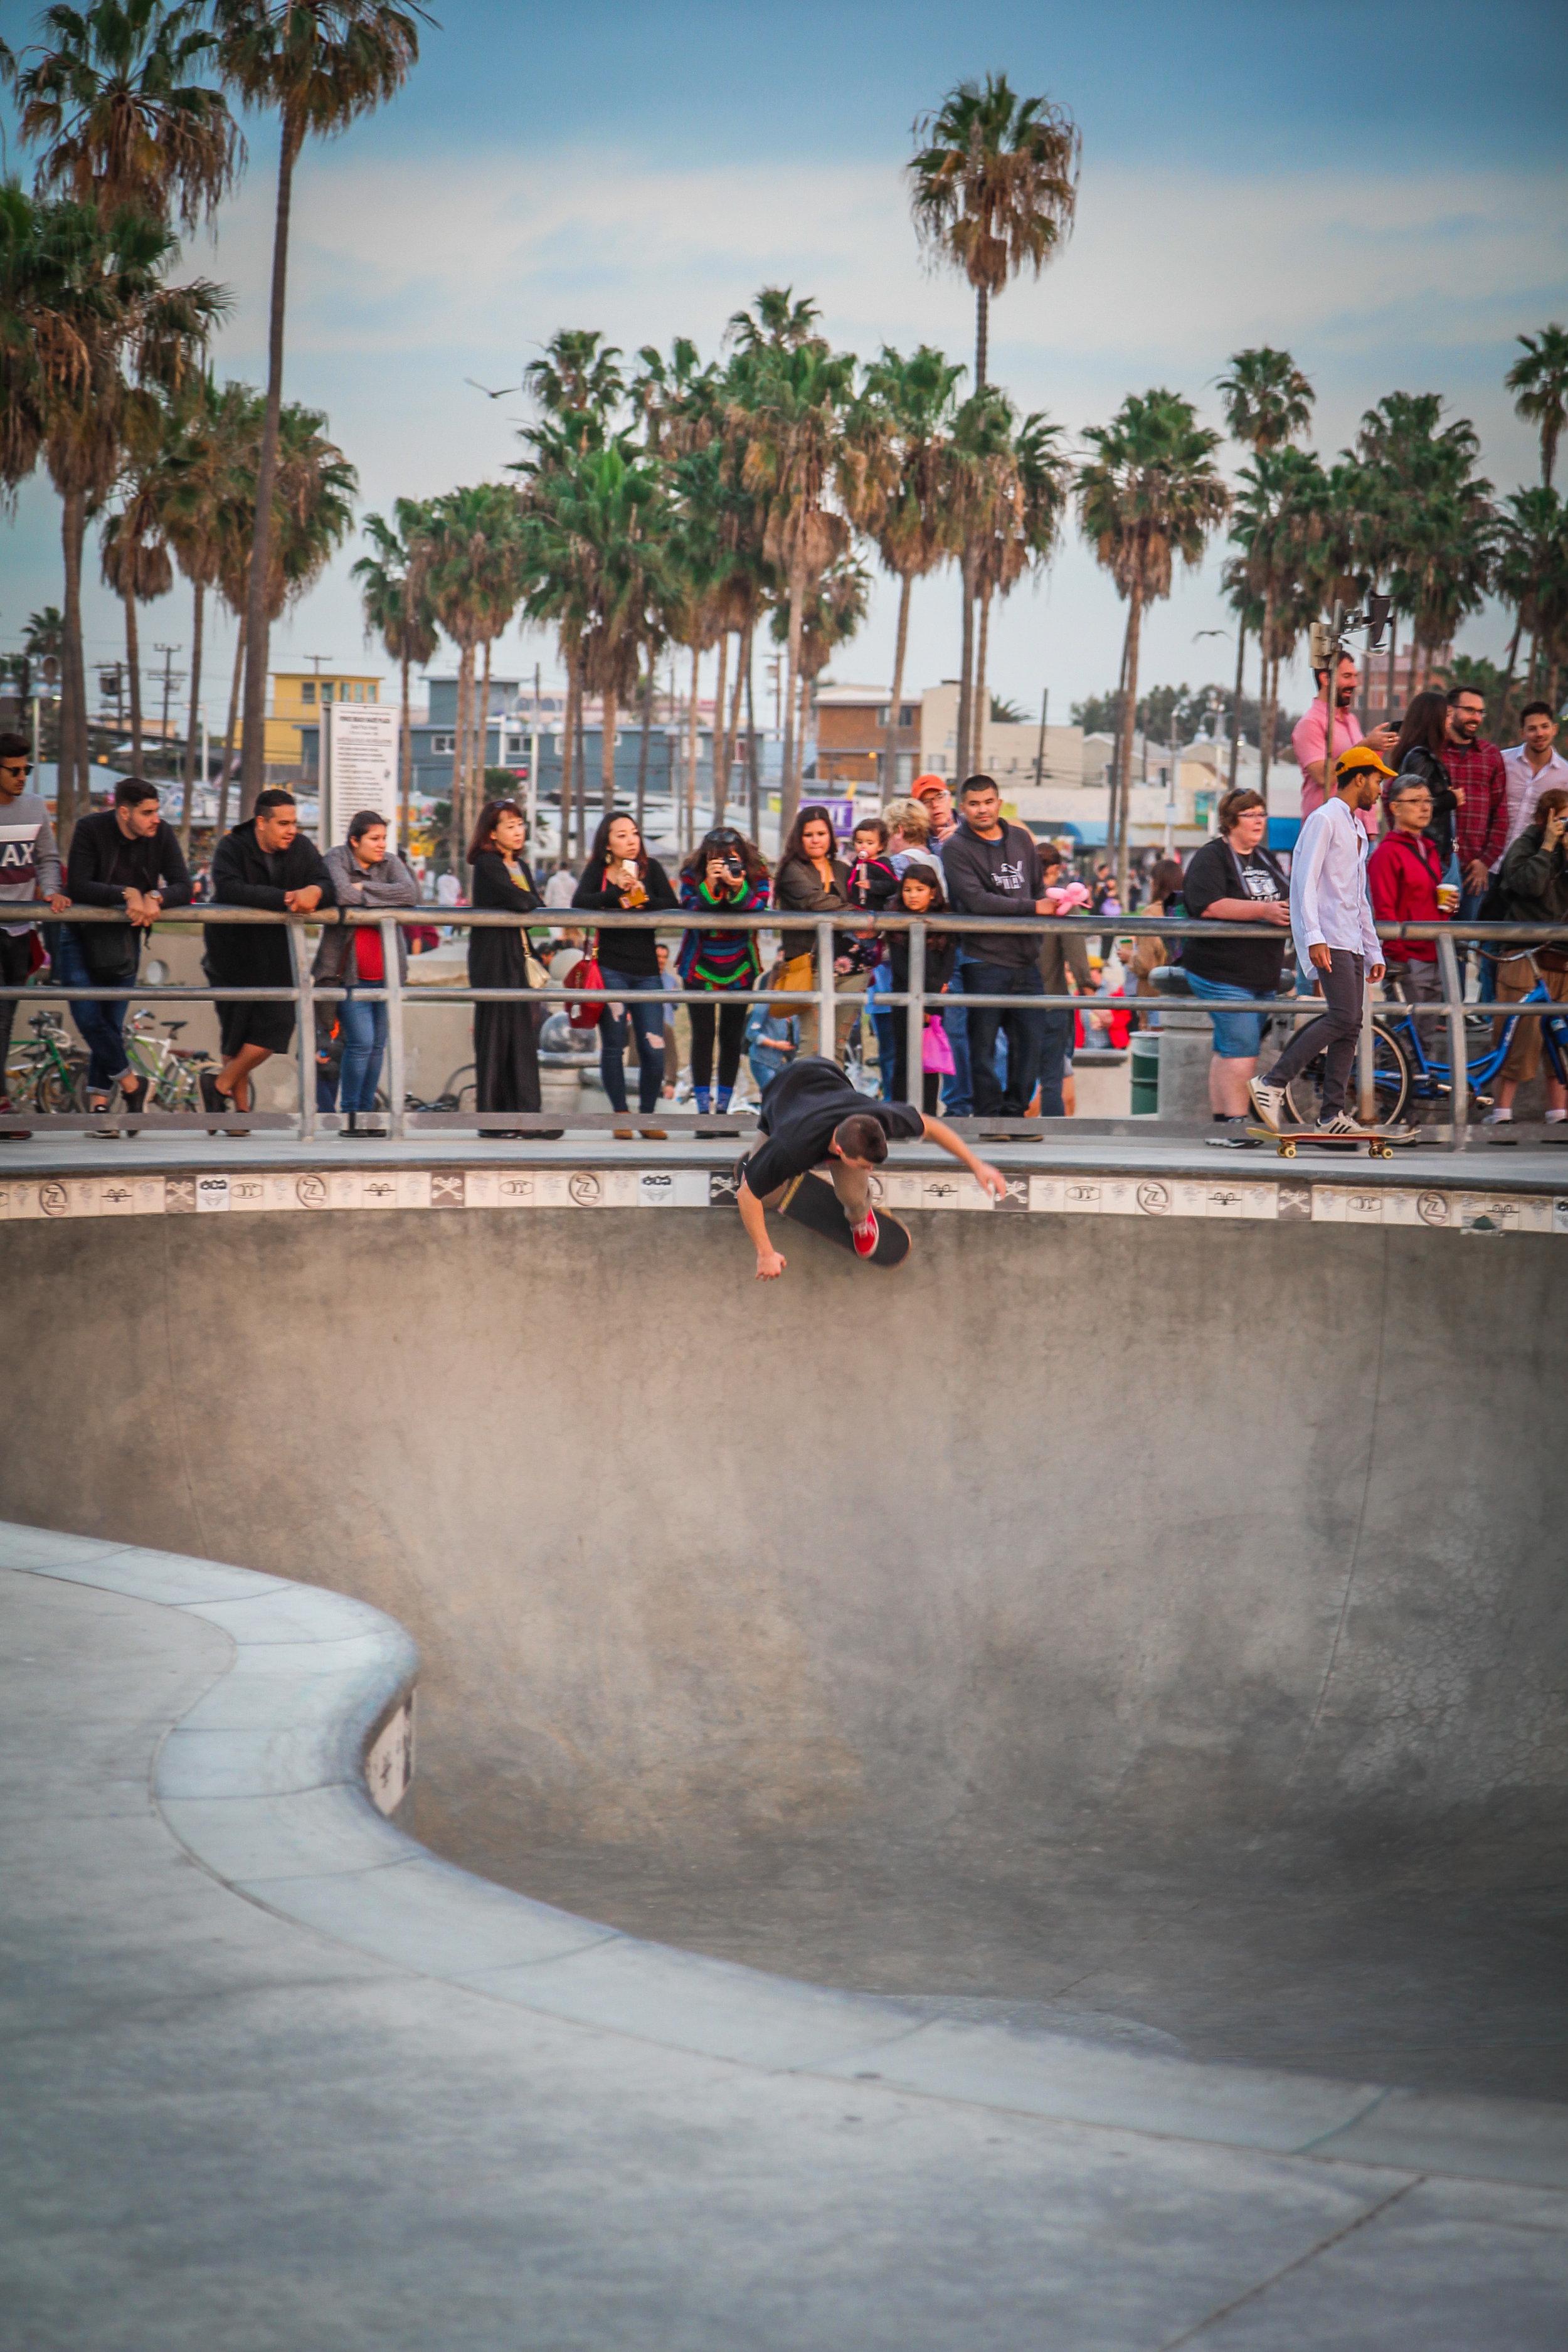 Los angeles  - venice beach skate - reizen met kinderen-7.jpg